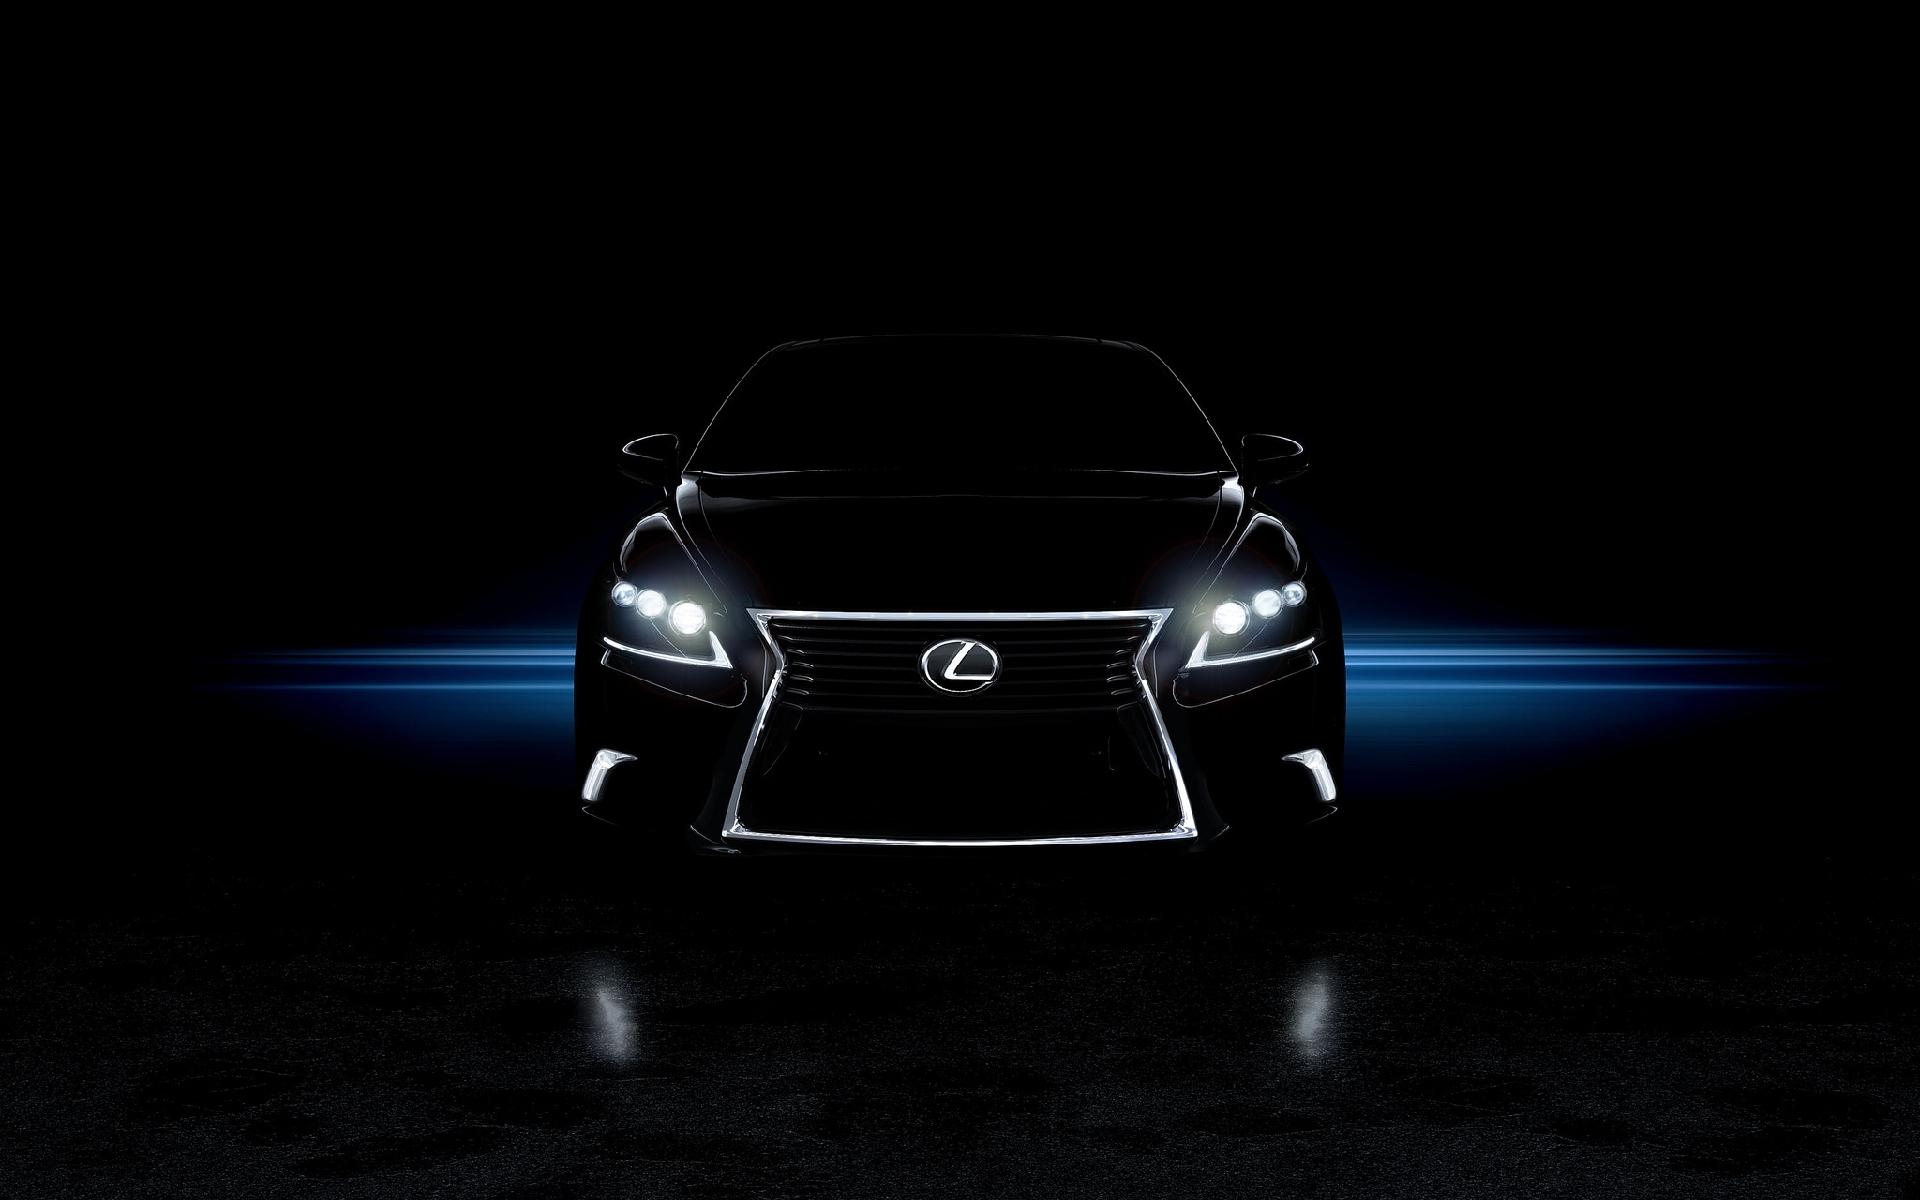 40497 скачать обои Машины, Лексус (Lexus), Транспорт - заставки и картинки бесплатно